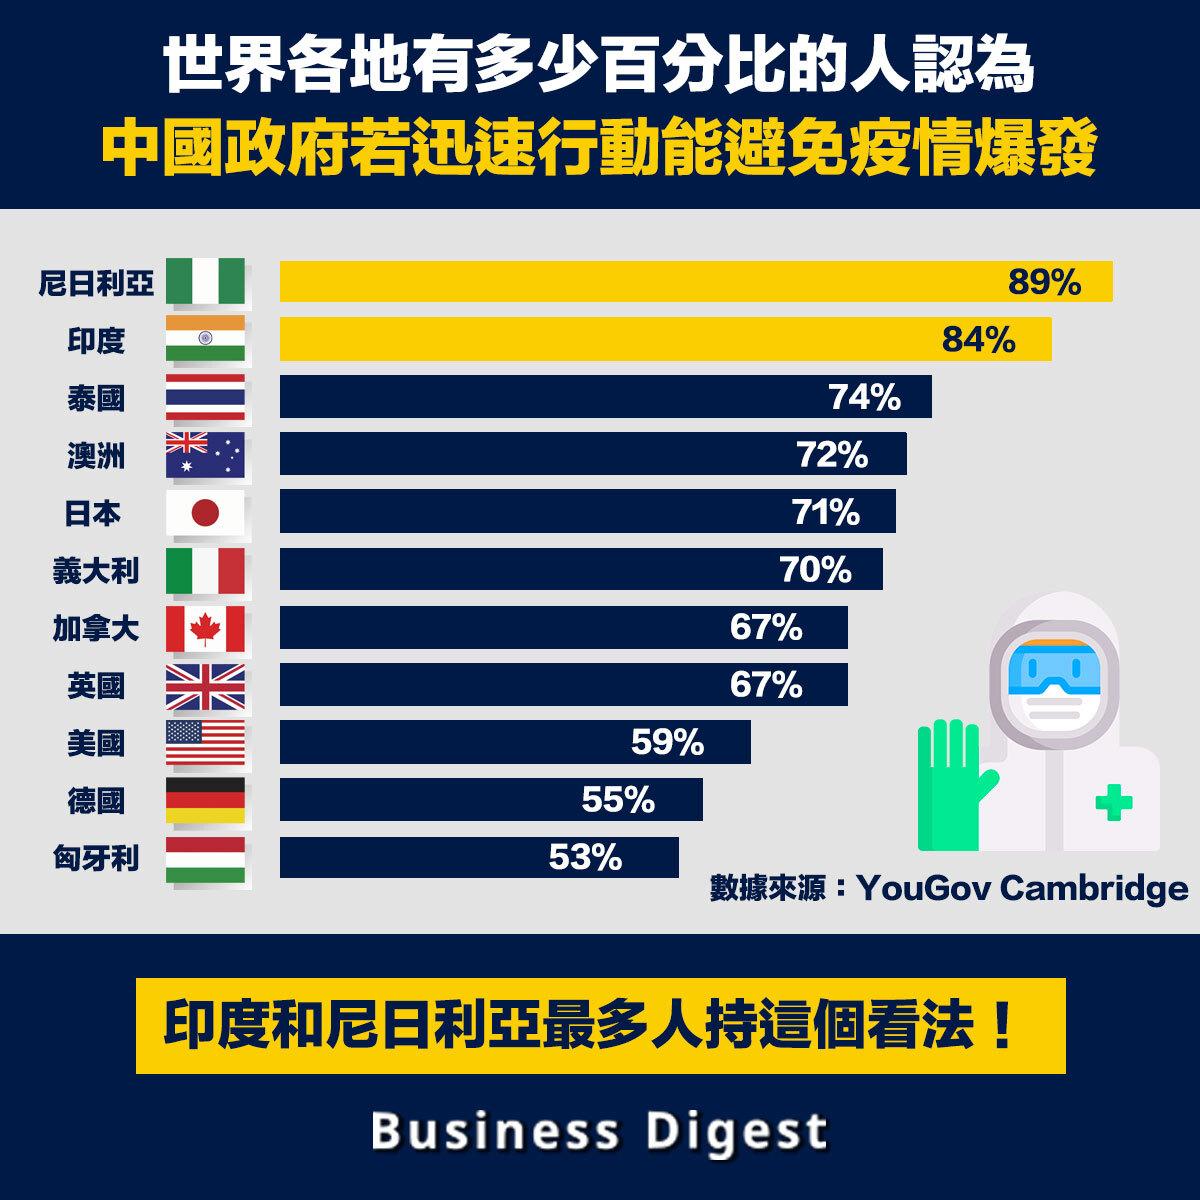 英國《衛報》調查顯示,中國對新冠疫情處理失去國際信任,多數受訪者認為中國是罪魁禍首